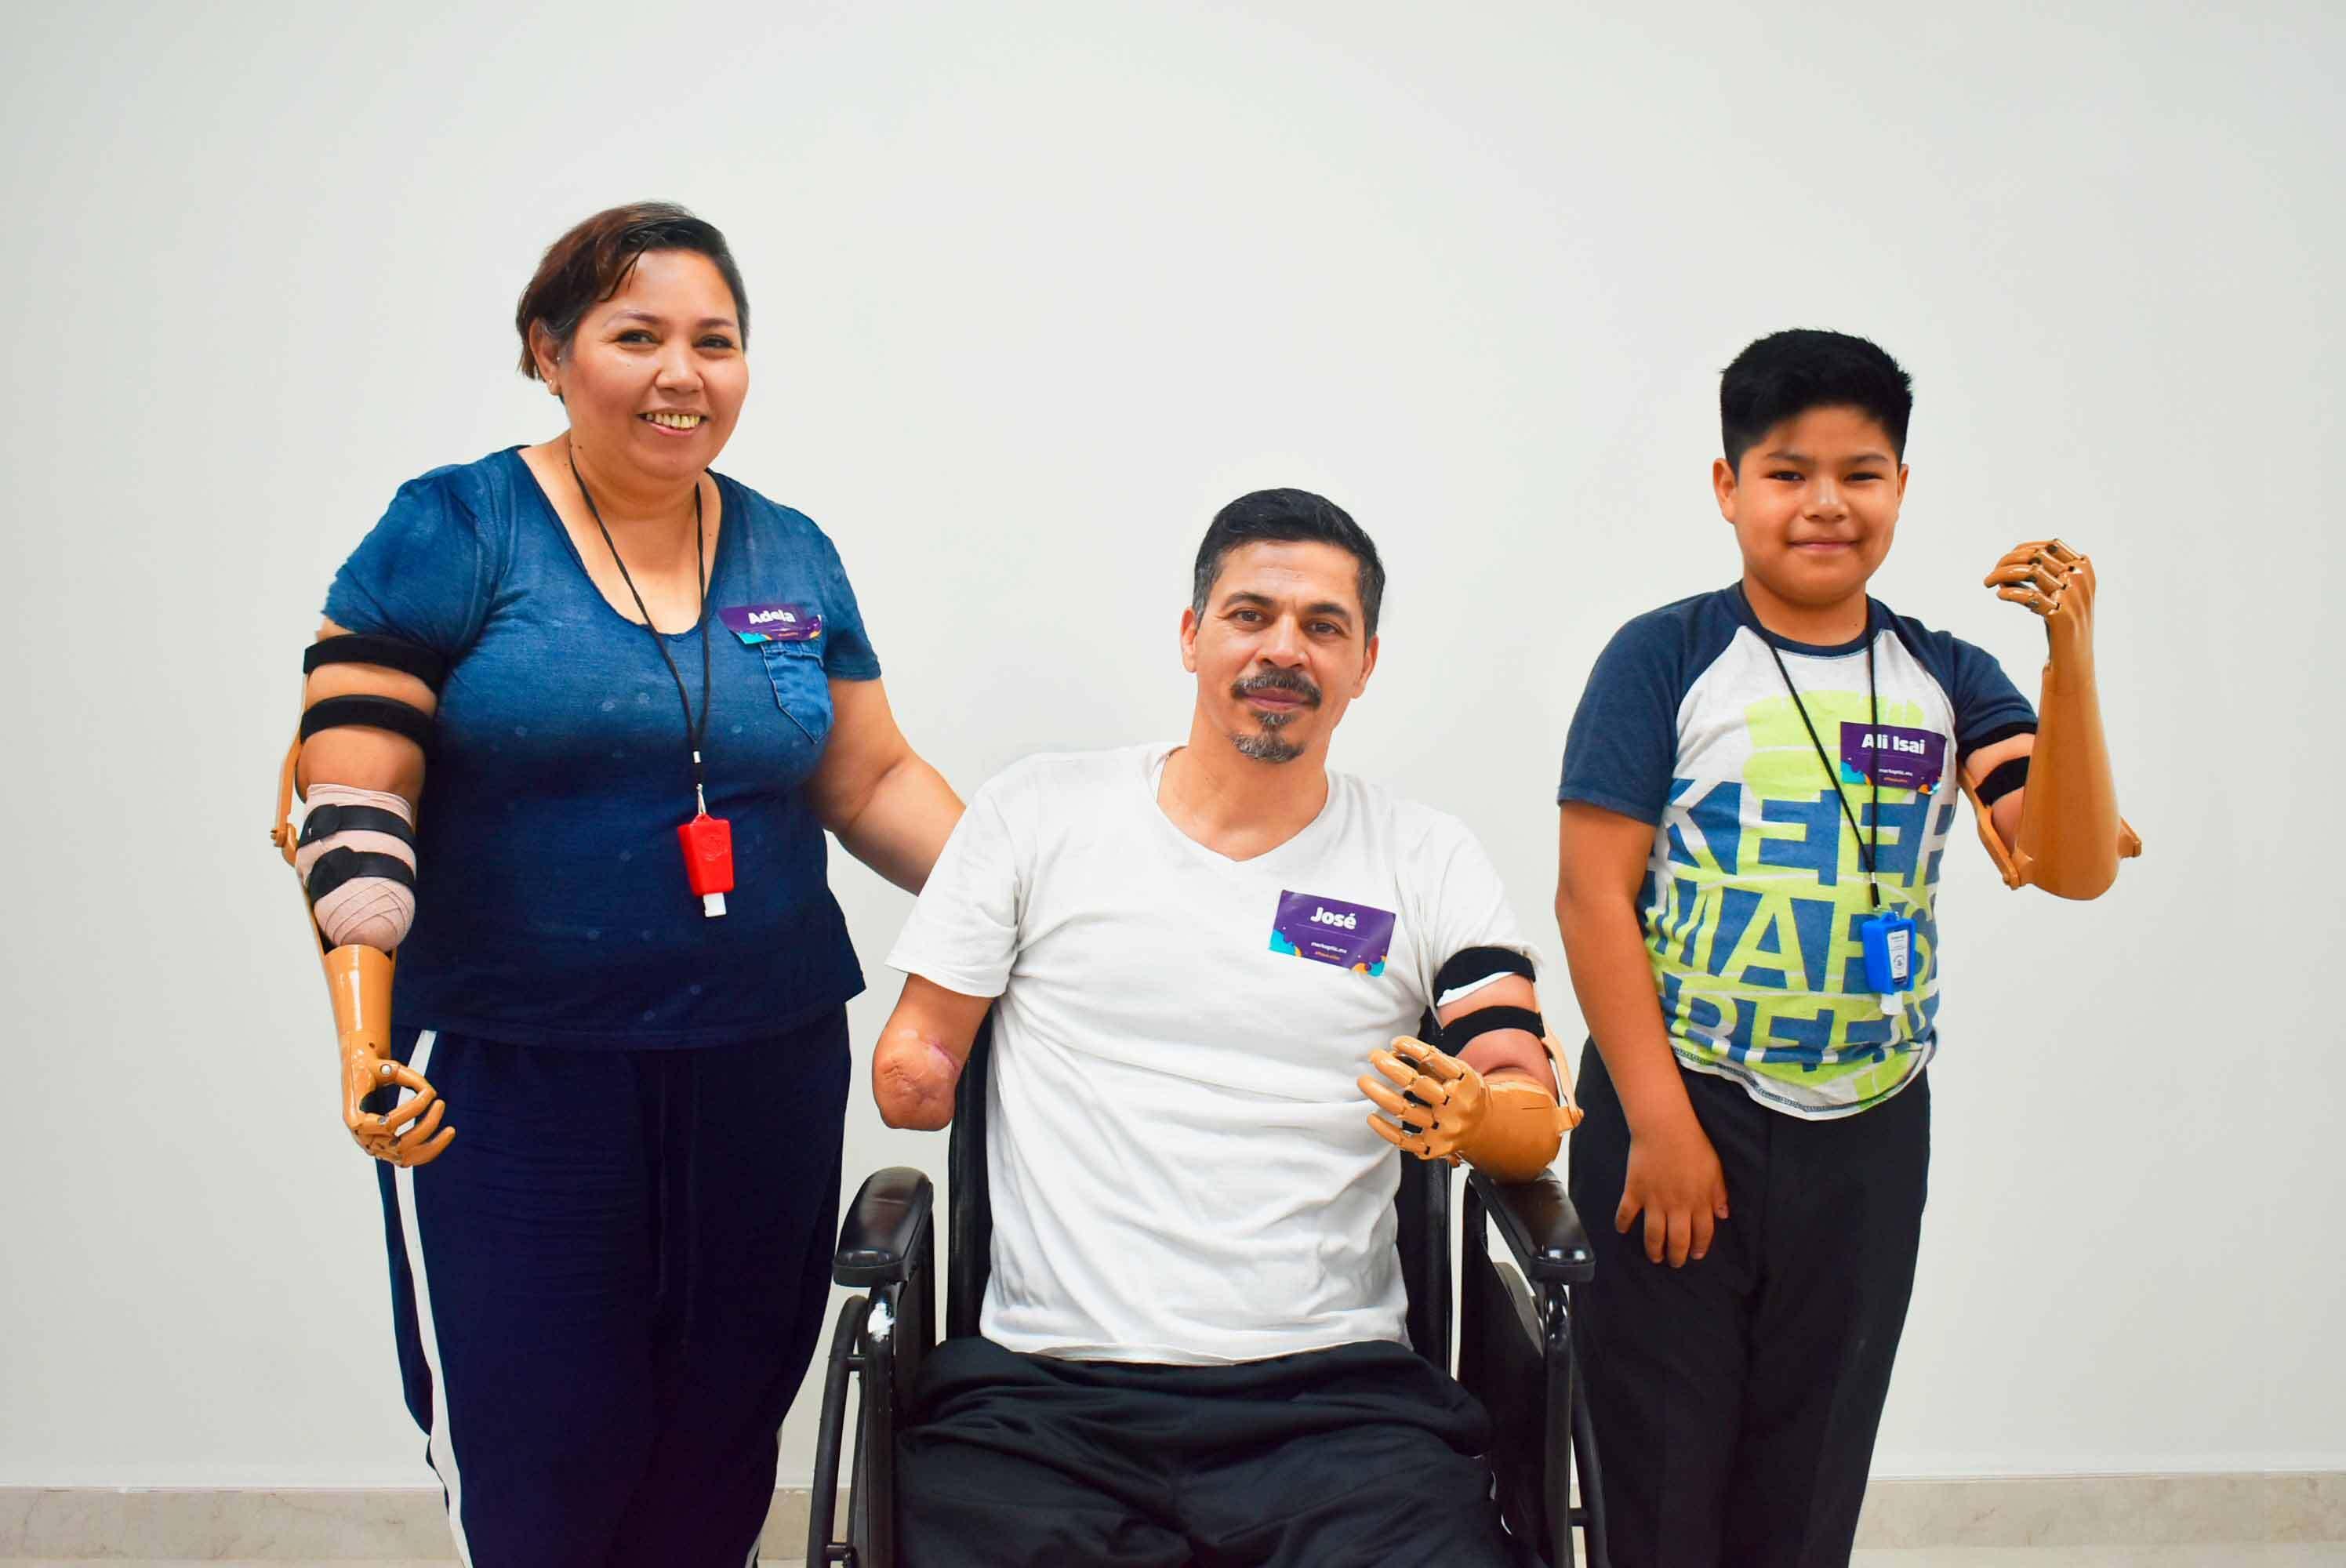 El entorno: Inclusión efectiva de las personas con discapacidad